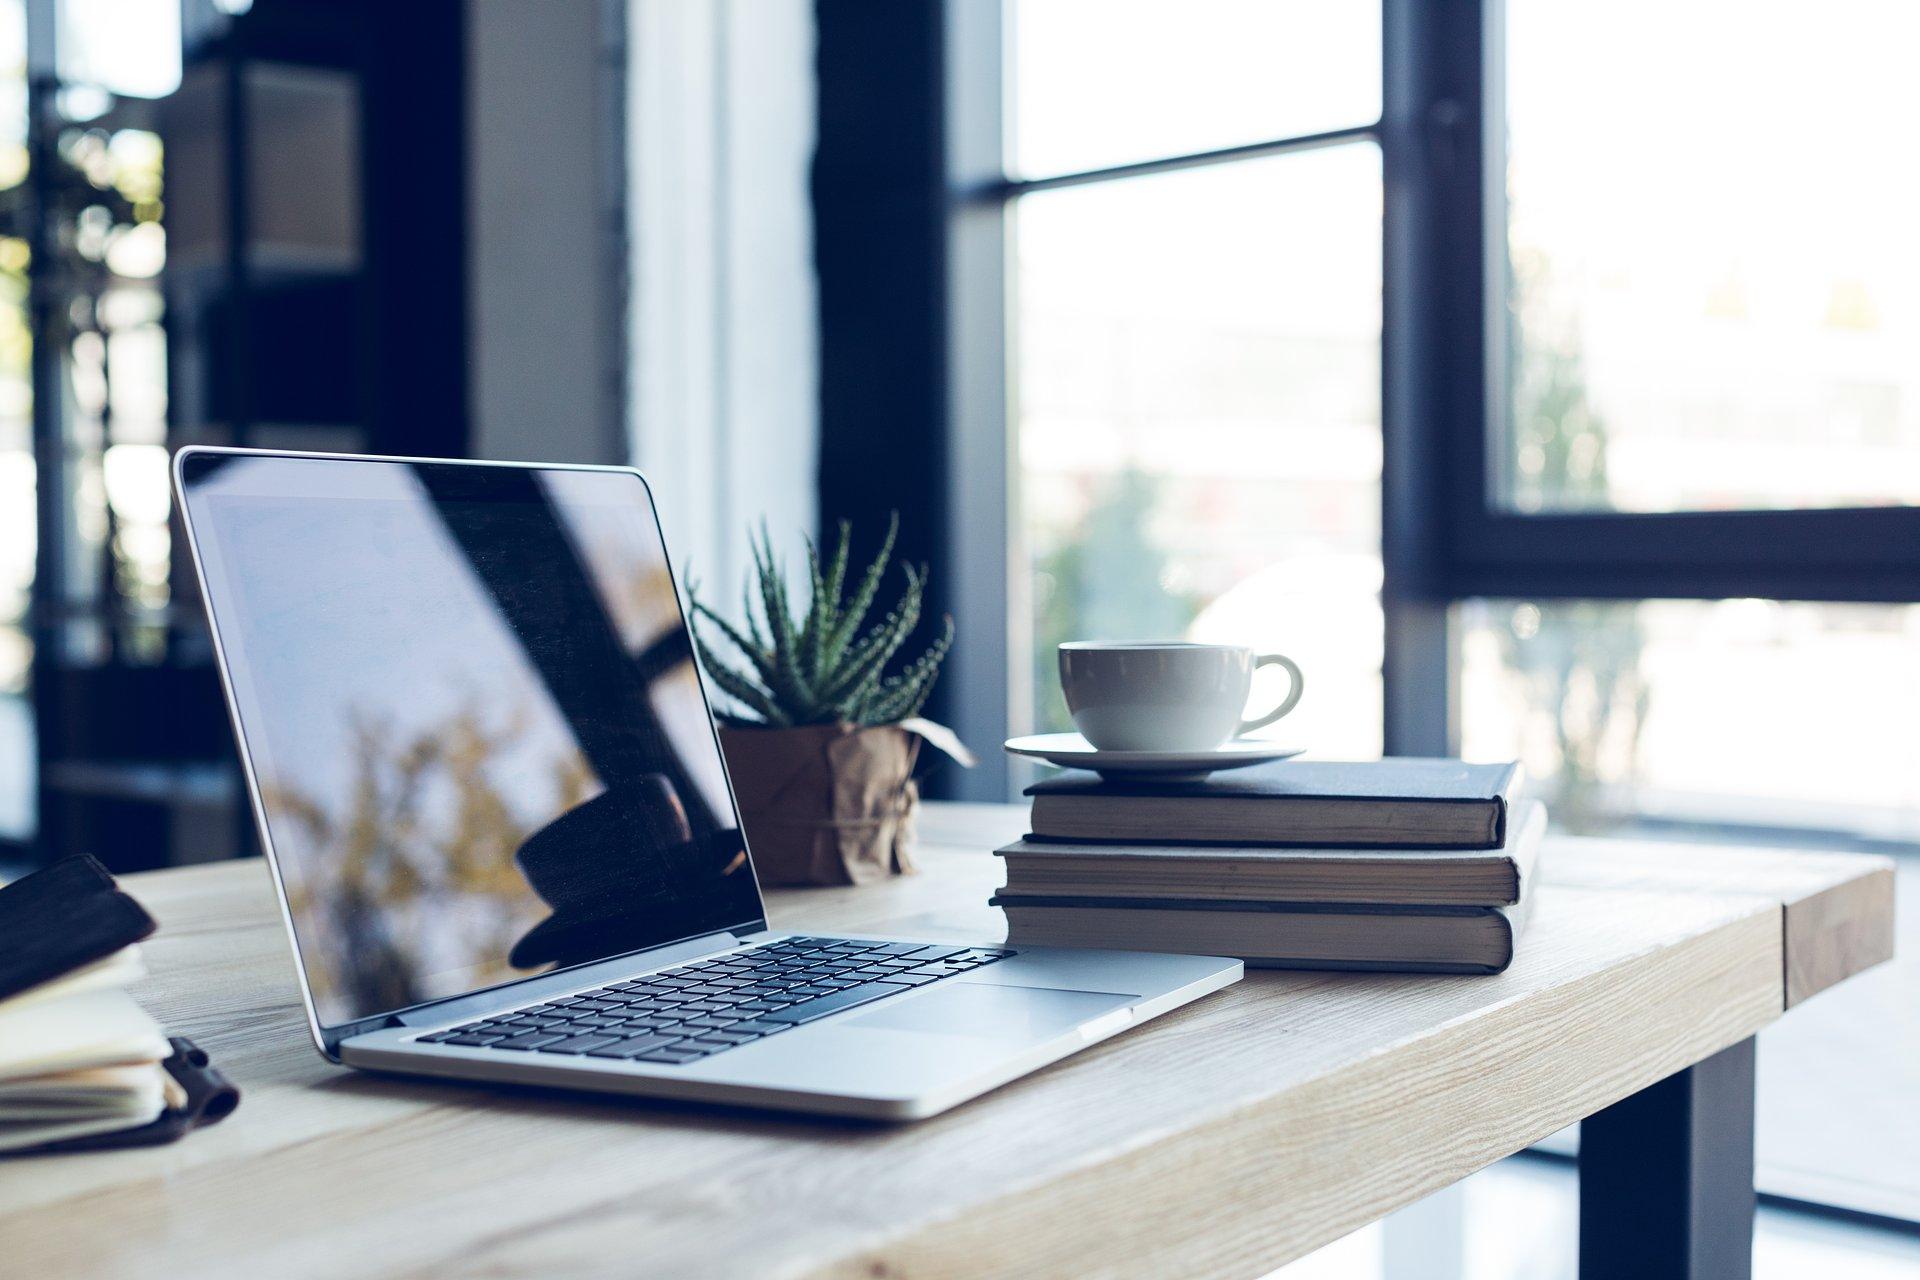 Coffeedesk ostrzega przed potencjalnymi skutkami ataku hakerskiego